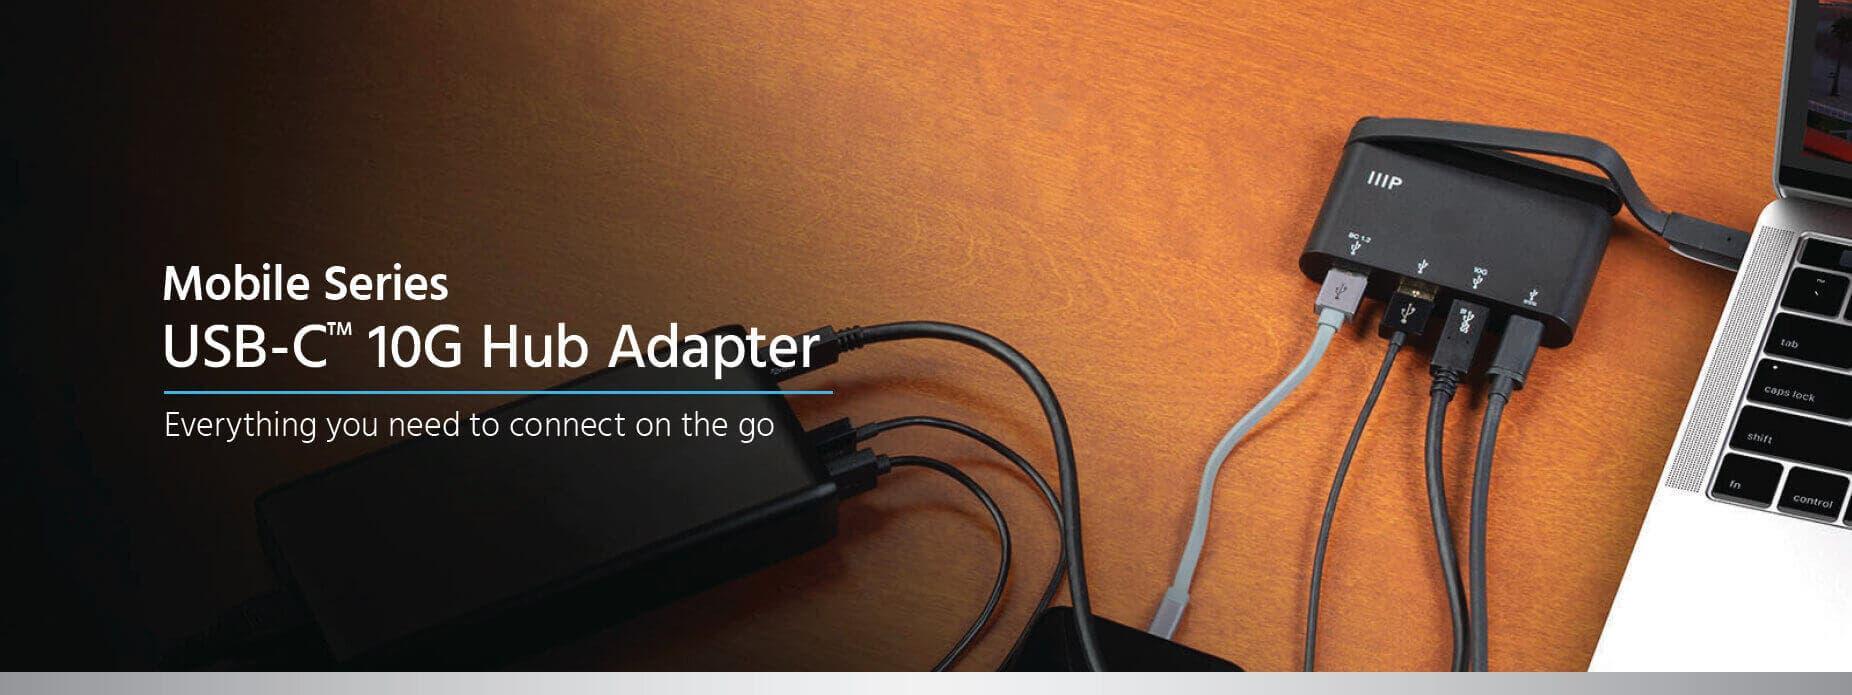 USB-C 10G Hub Adapter